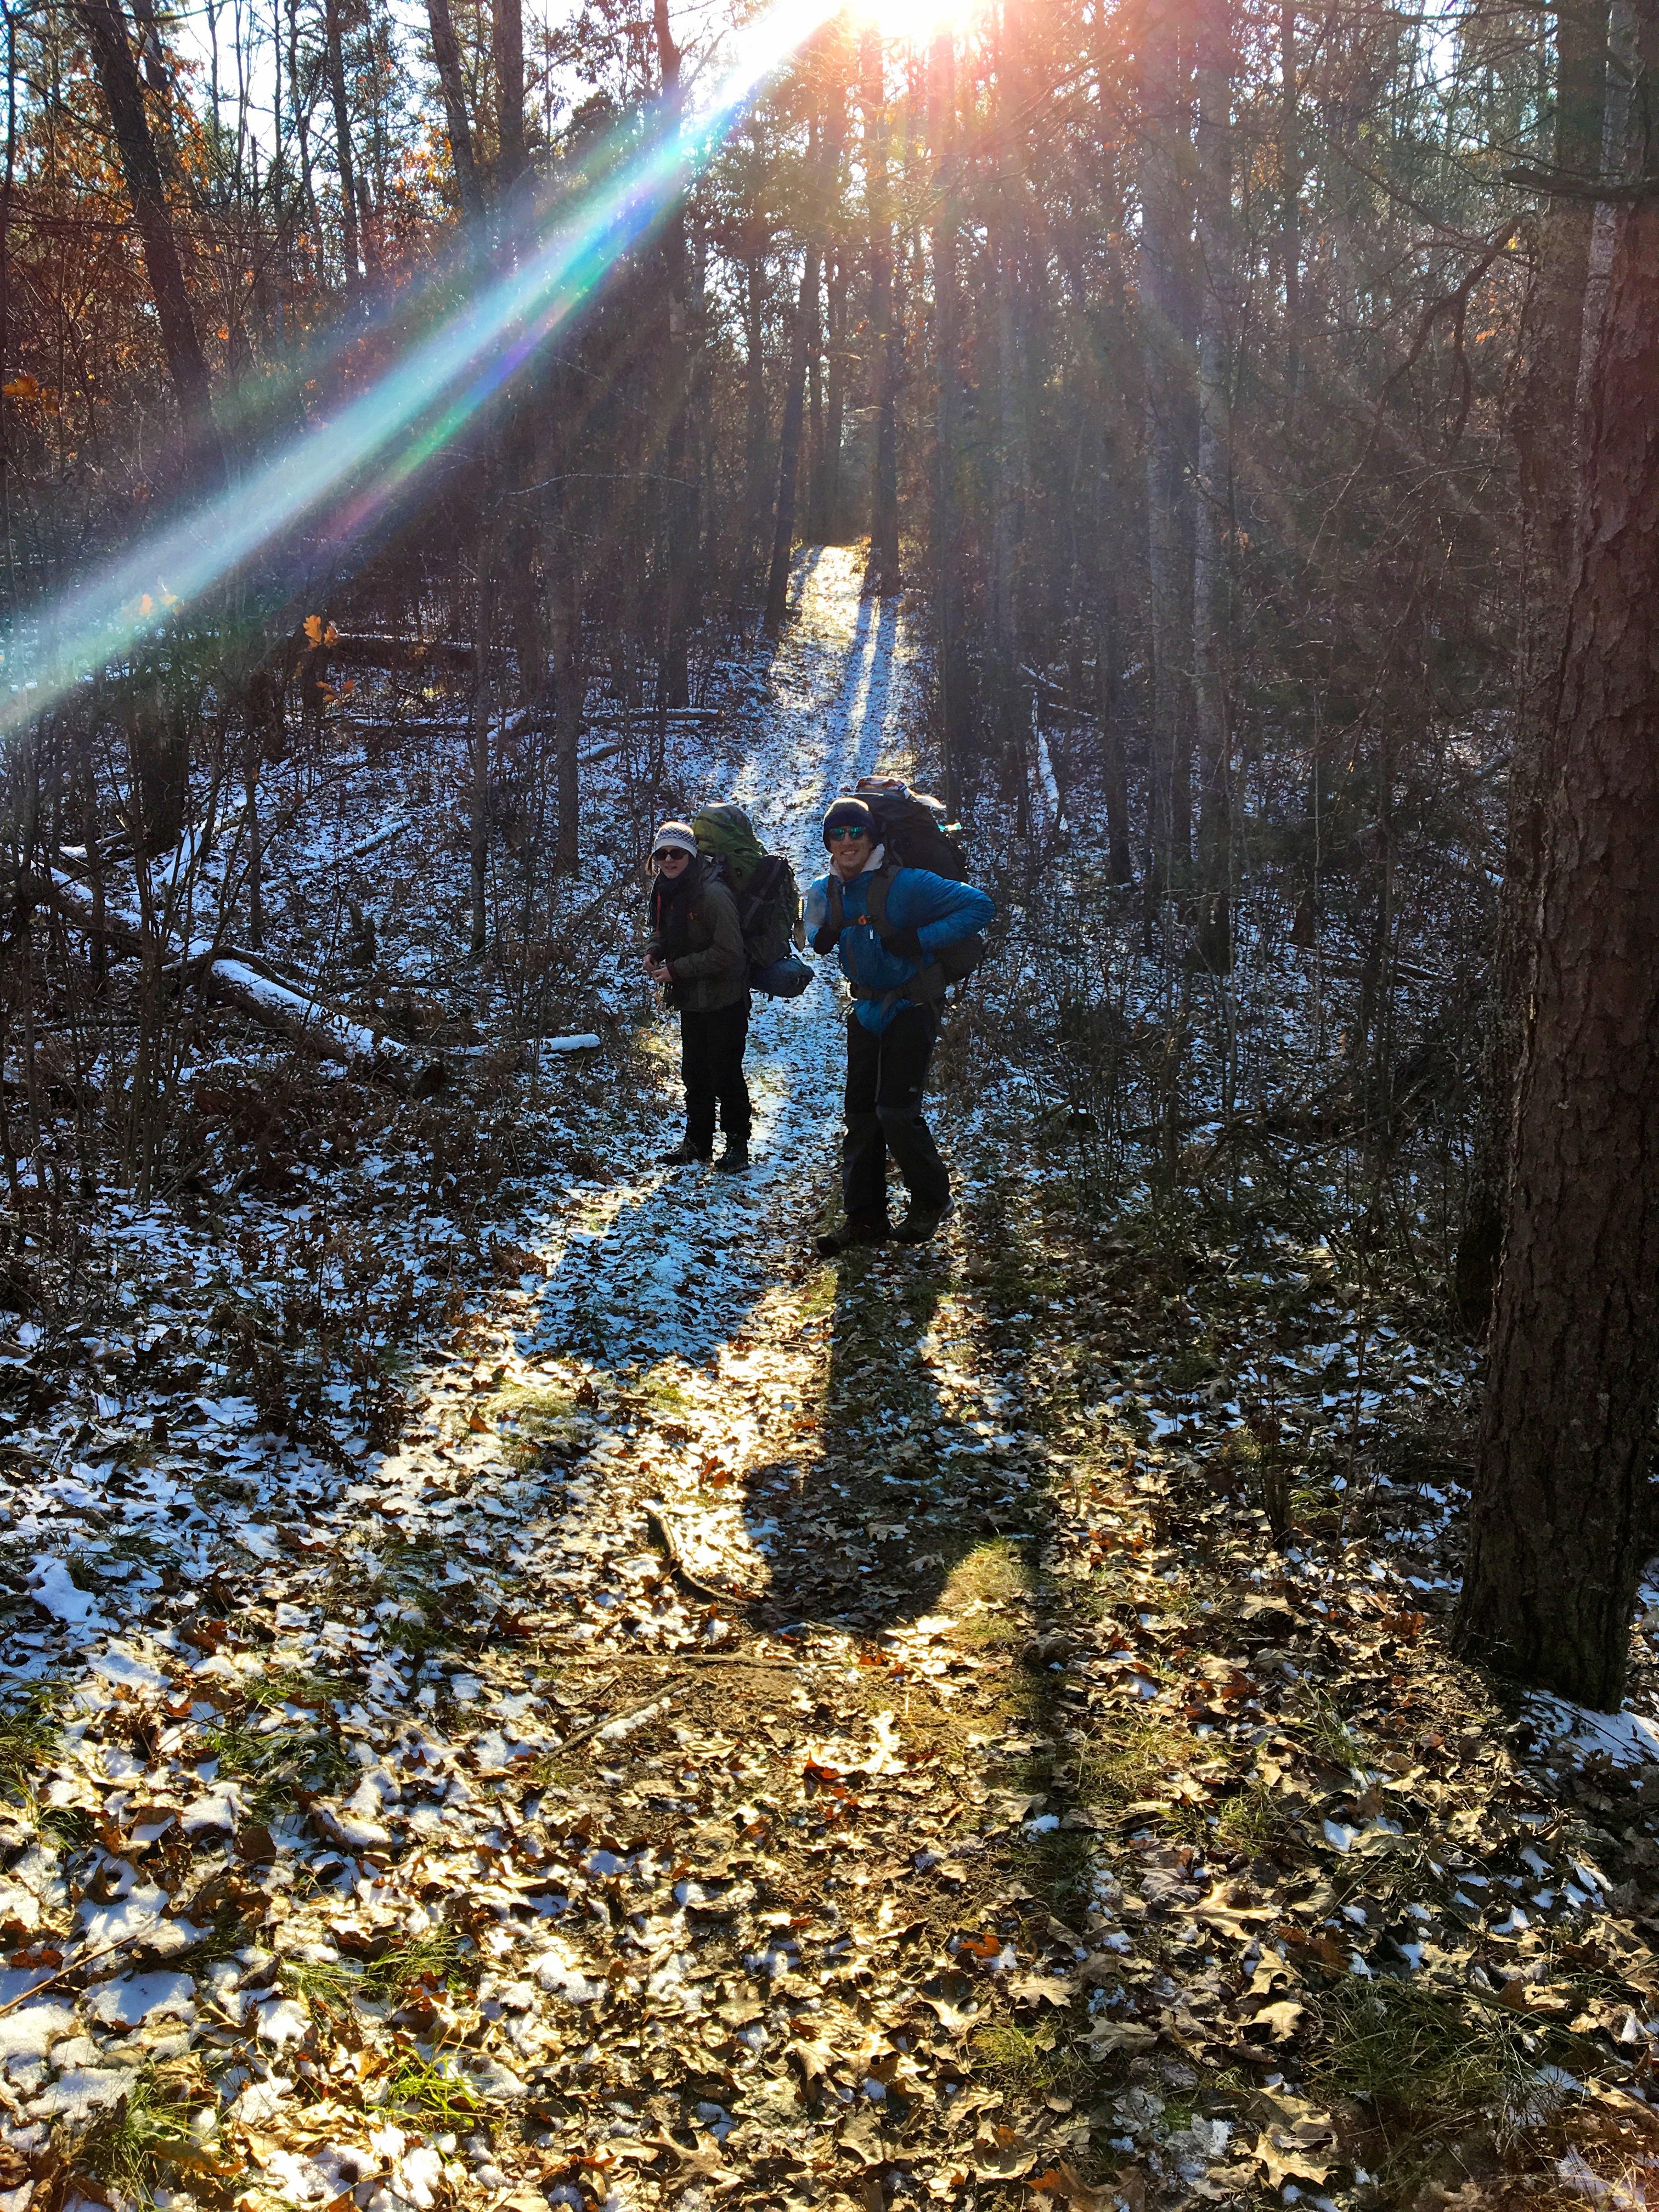 Trail-hike-winter-november